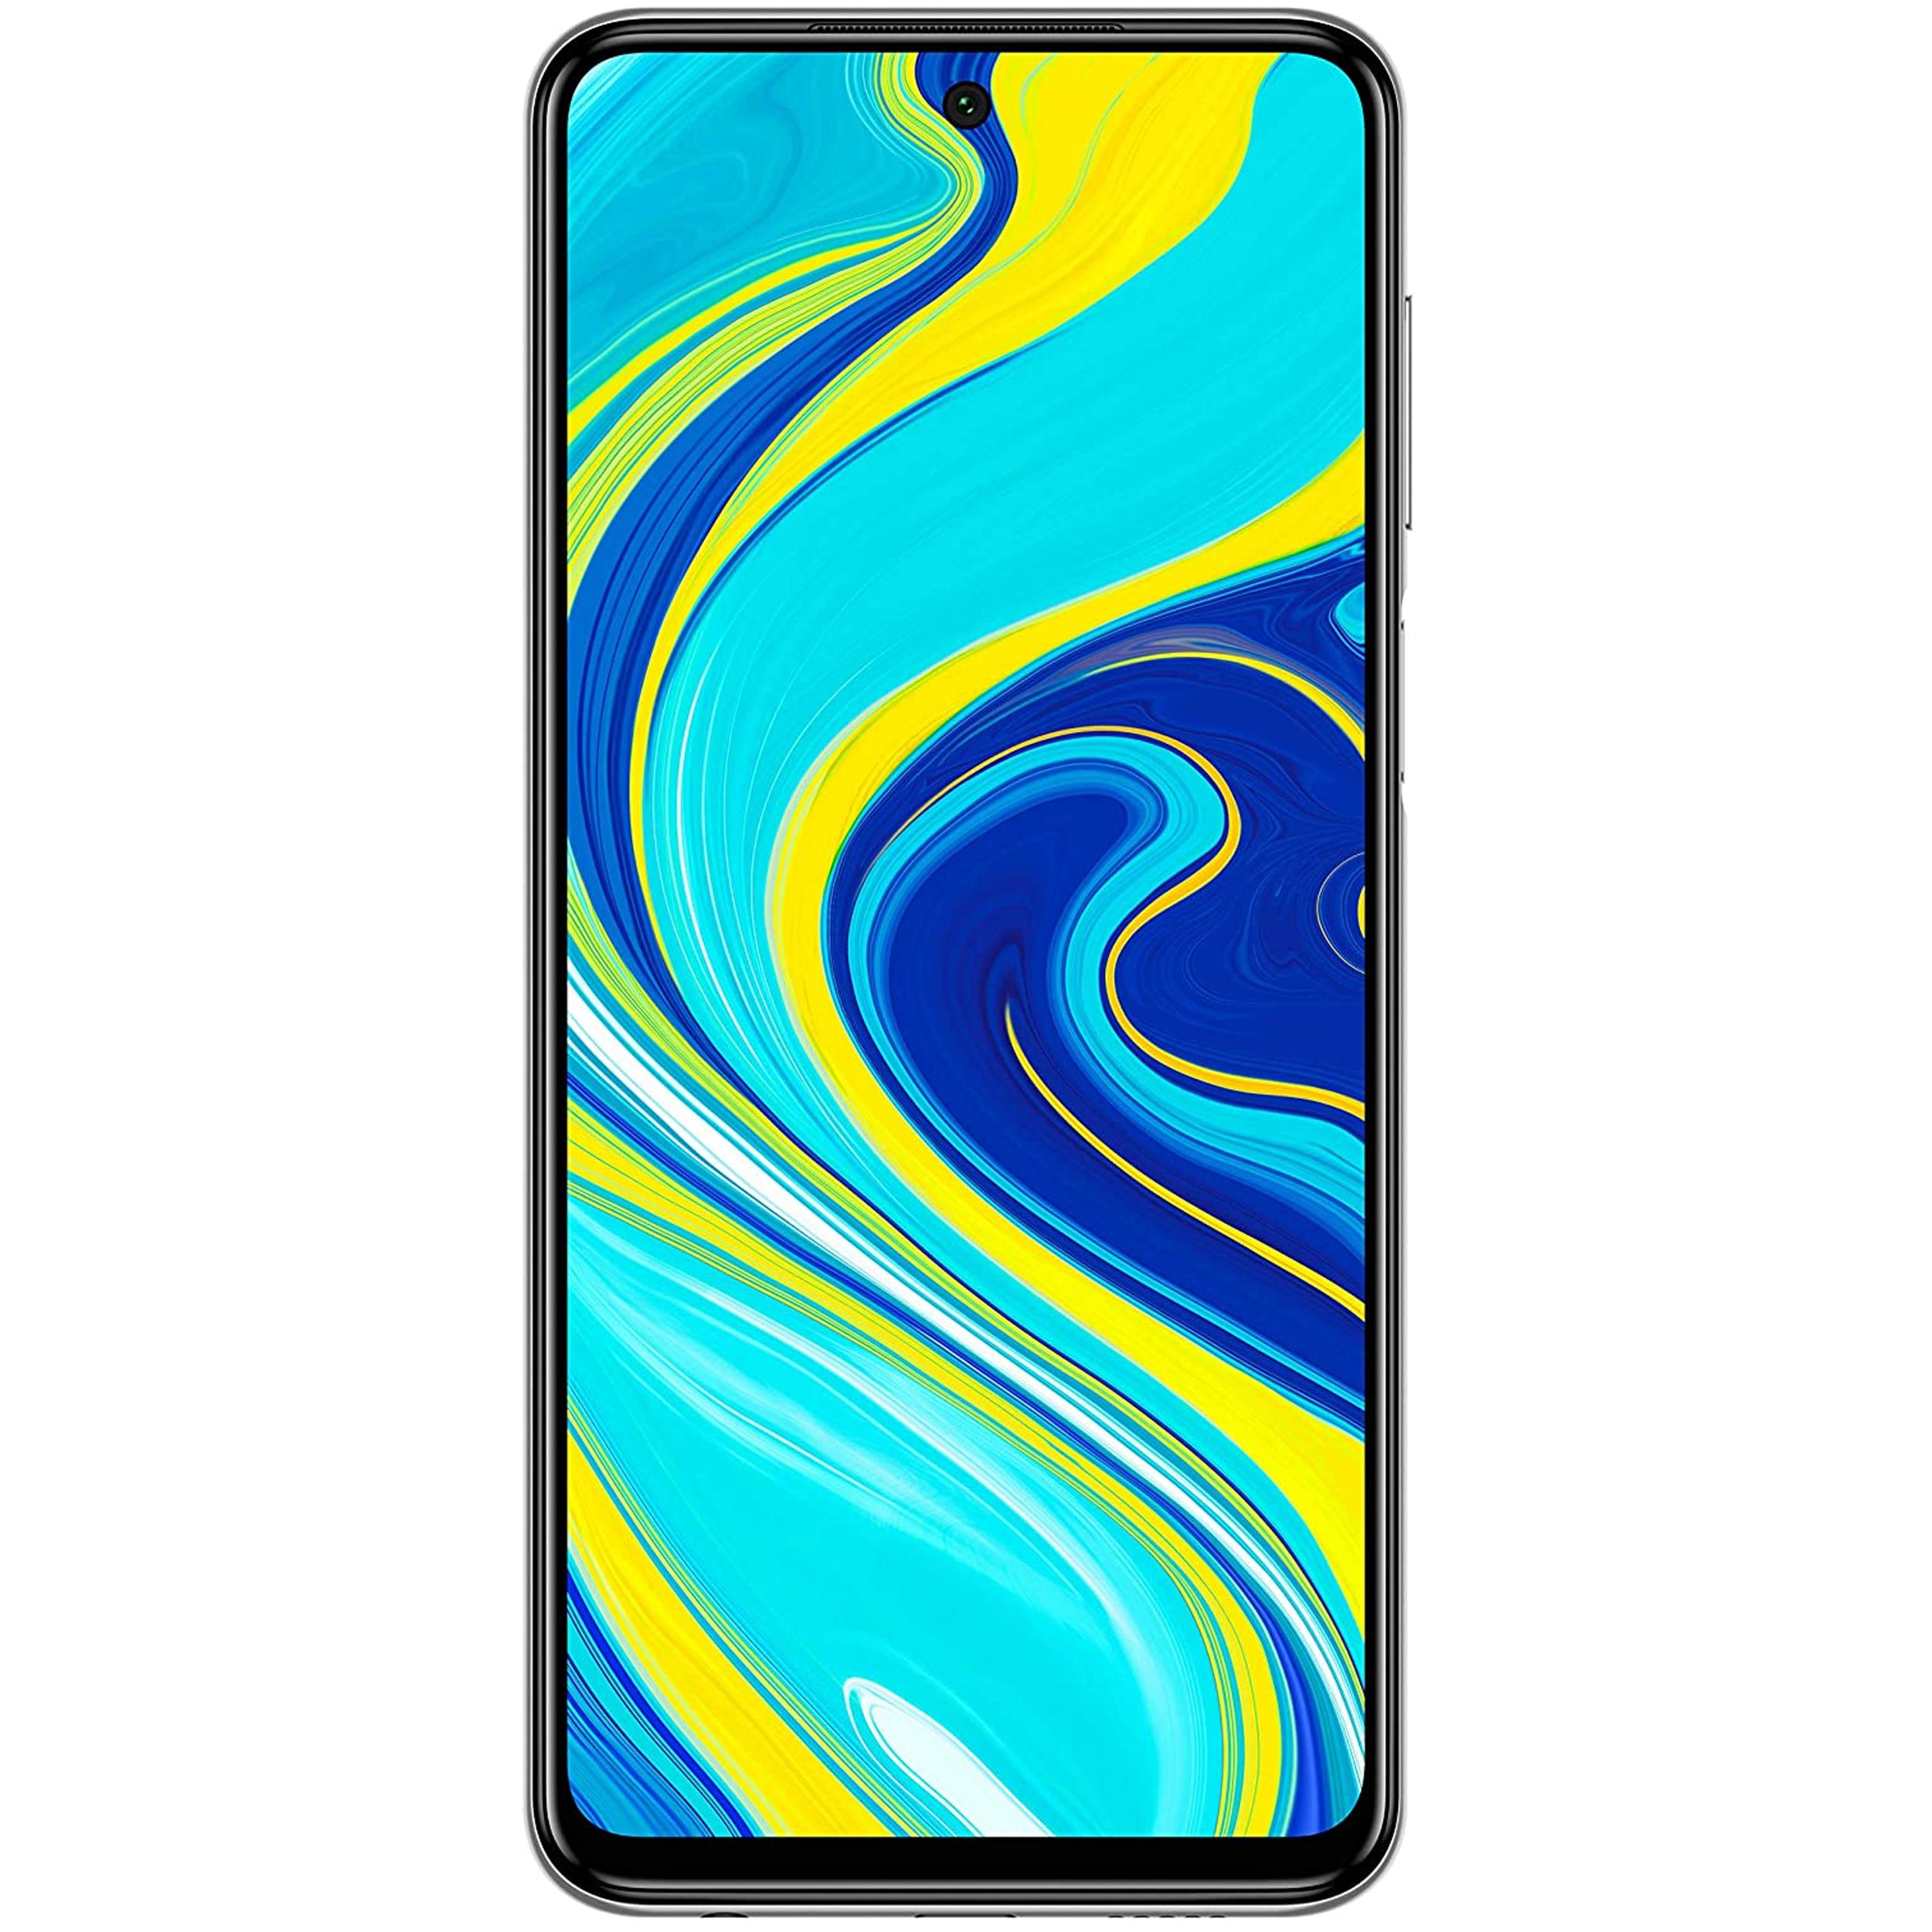 گوشی موبایل شیائومی مدل Redmi Note 9S M2003J6A1G دو سیم کارت ظرفیت 128گیگابایت – طرح قیمت شگفت انگیز